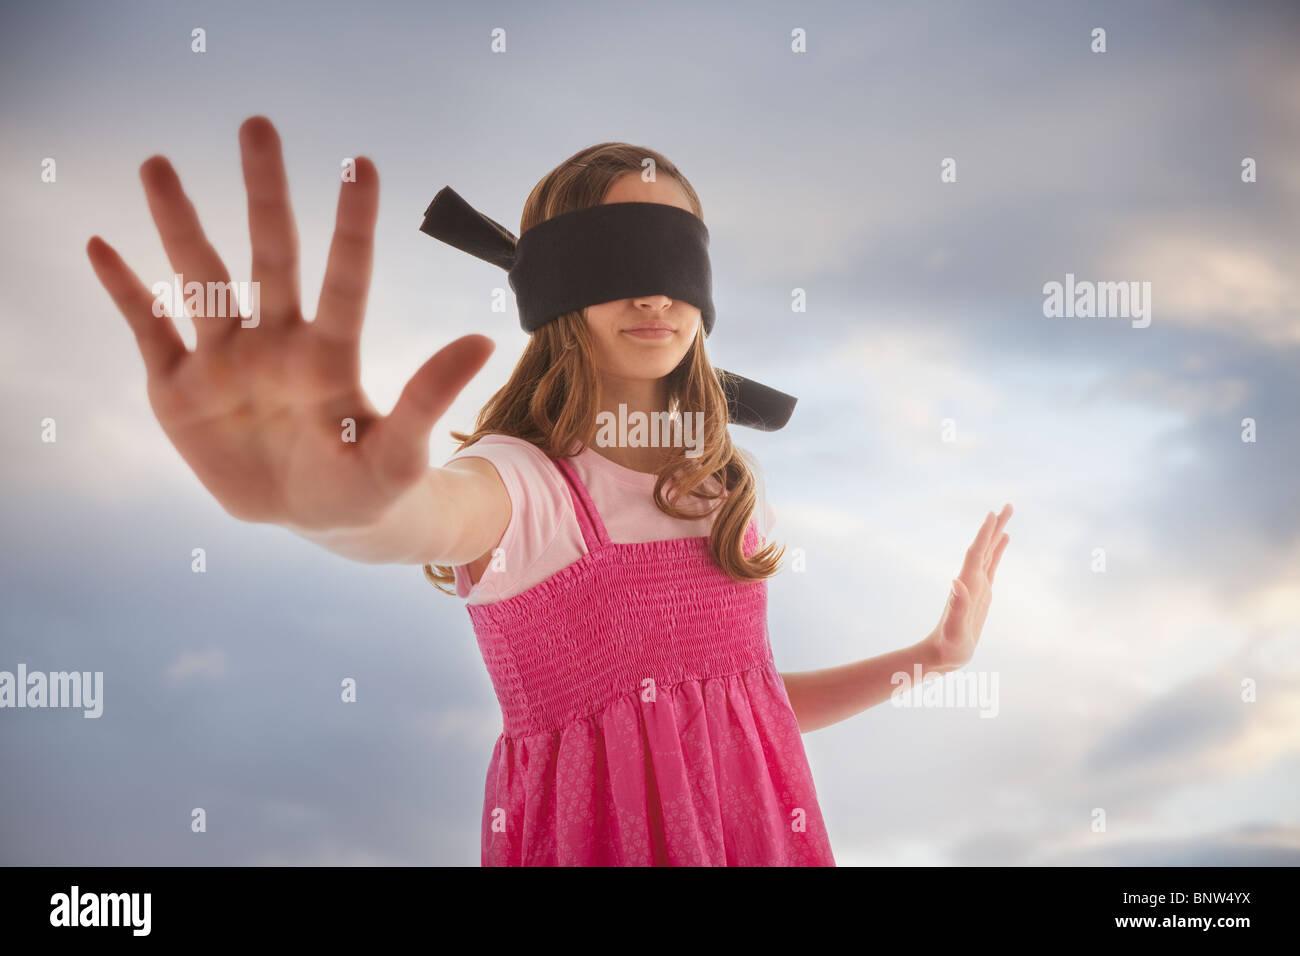 Blindfolded teenage girl - Stock Image